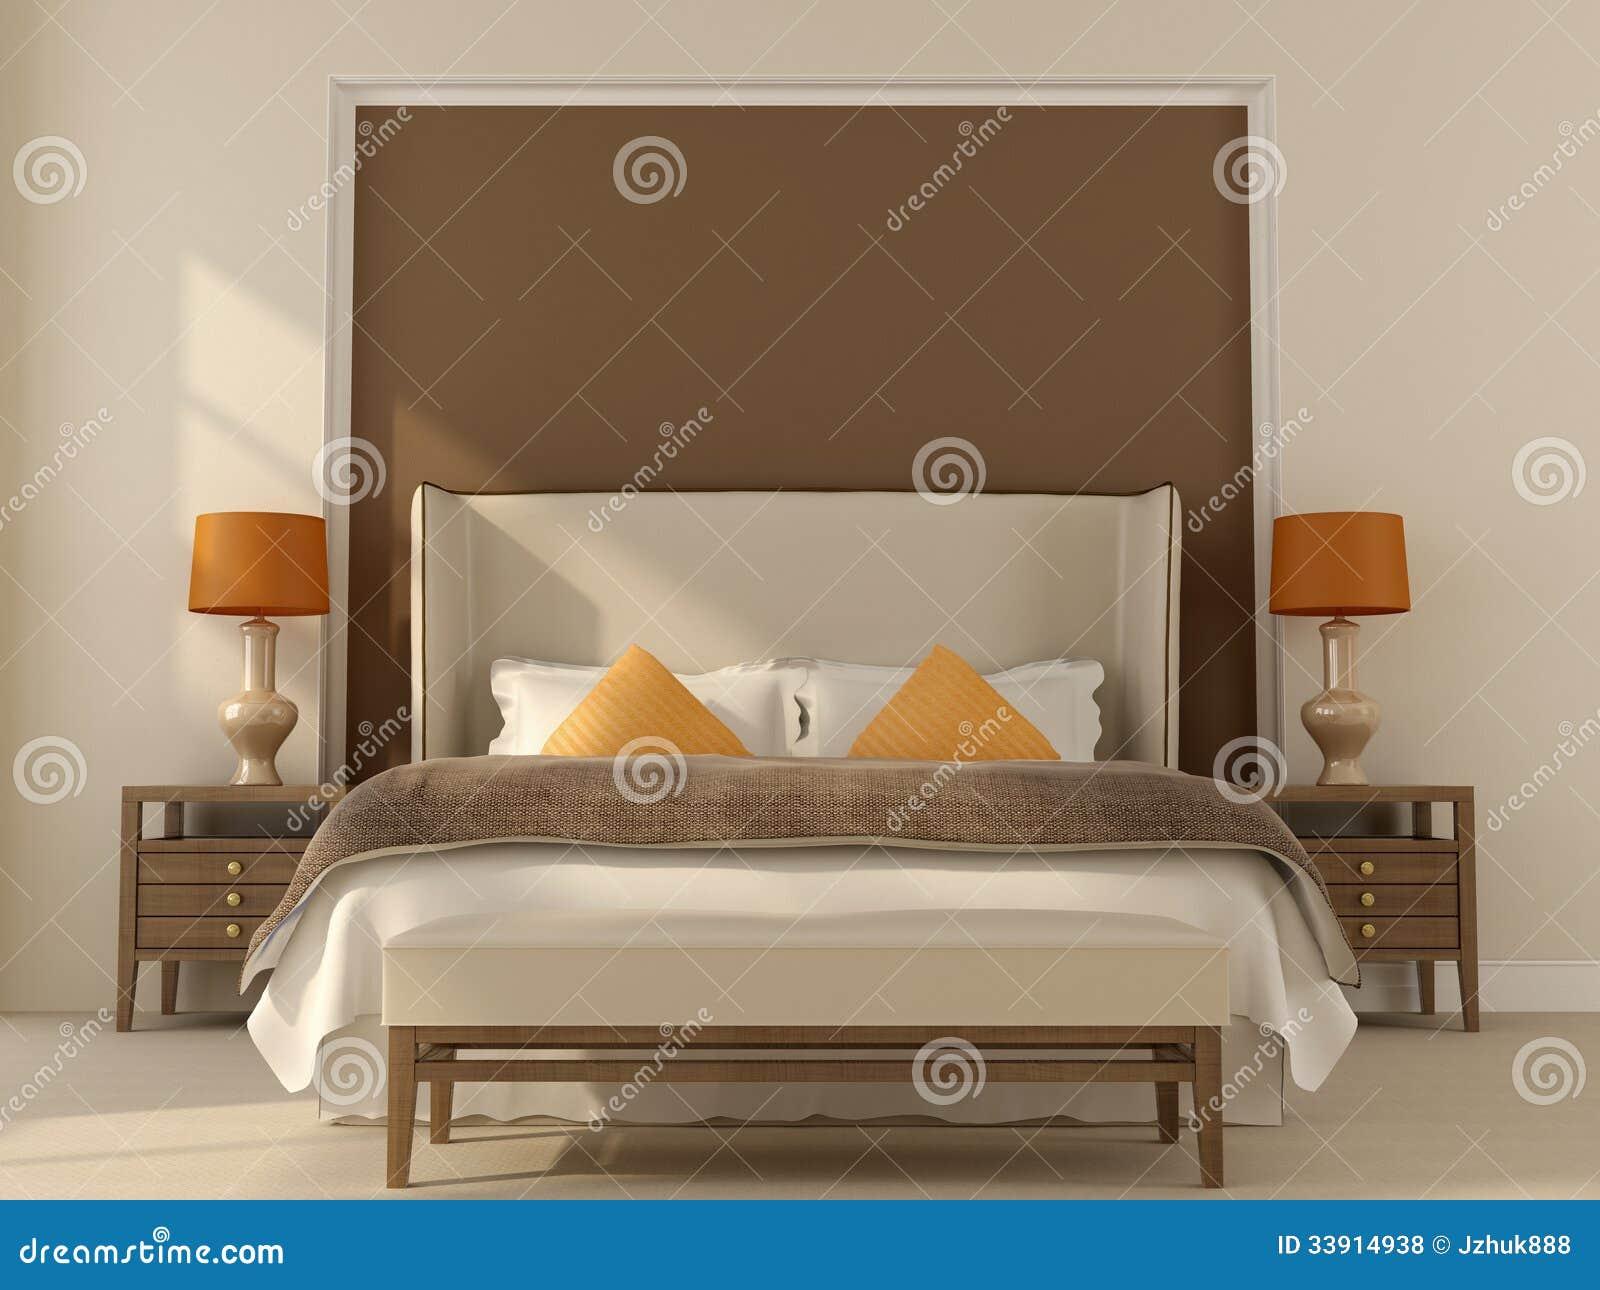 Camera da letto beige con la decorazione arancio - Sedia camera da letto ...